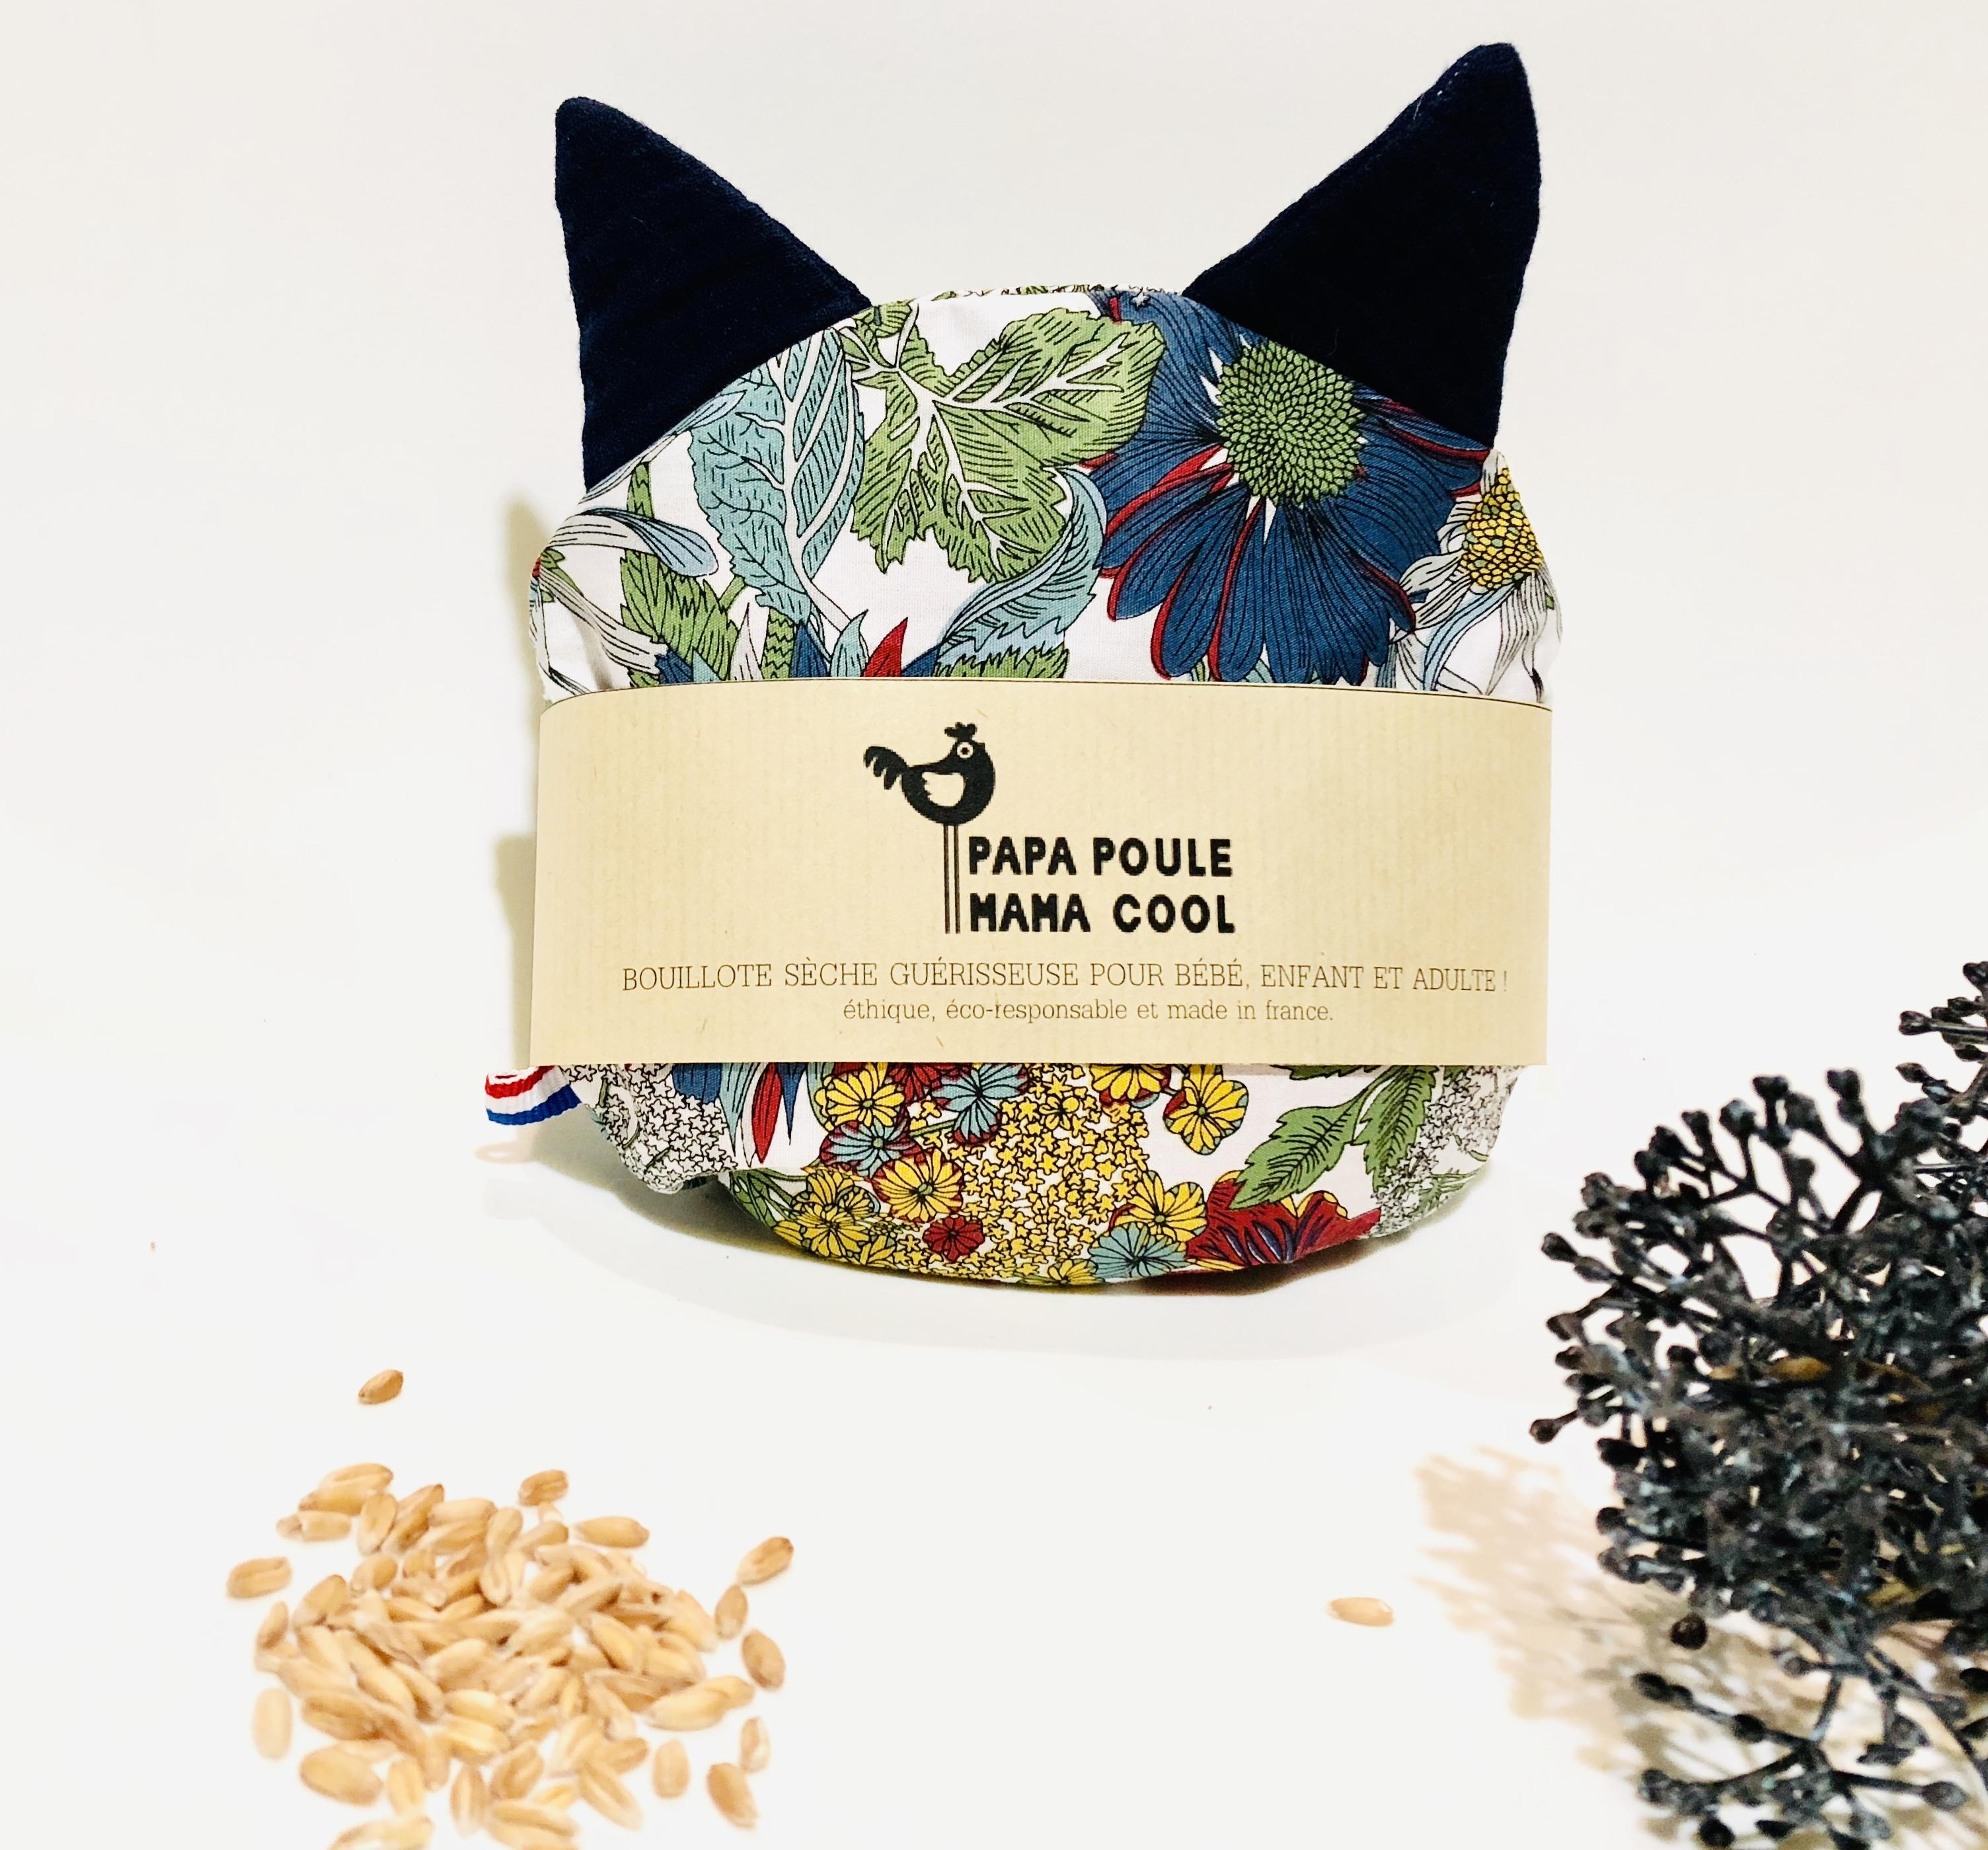 Bouillotte sèche aux graines d'épeautre bio Française